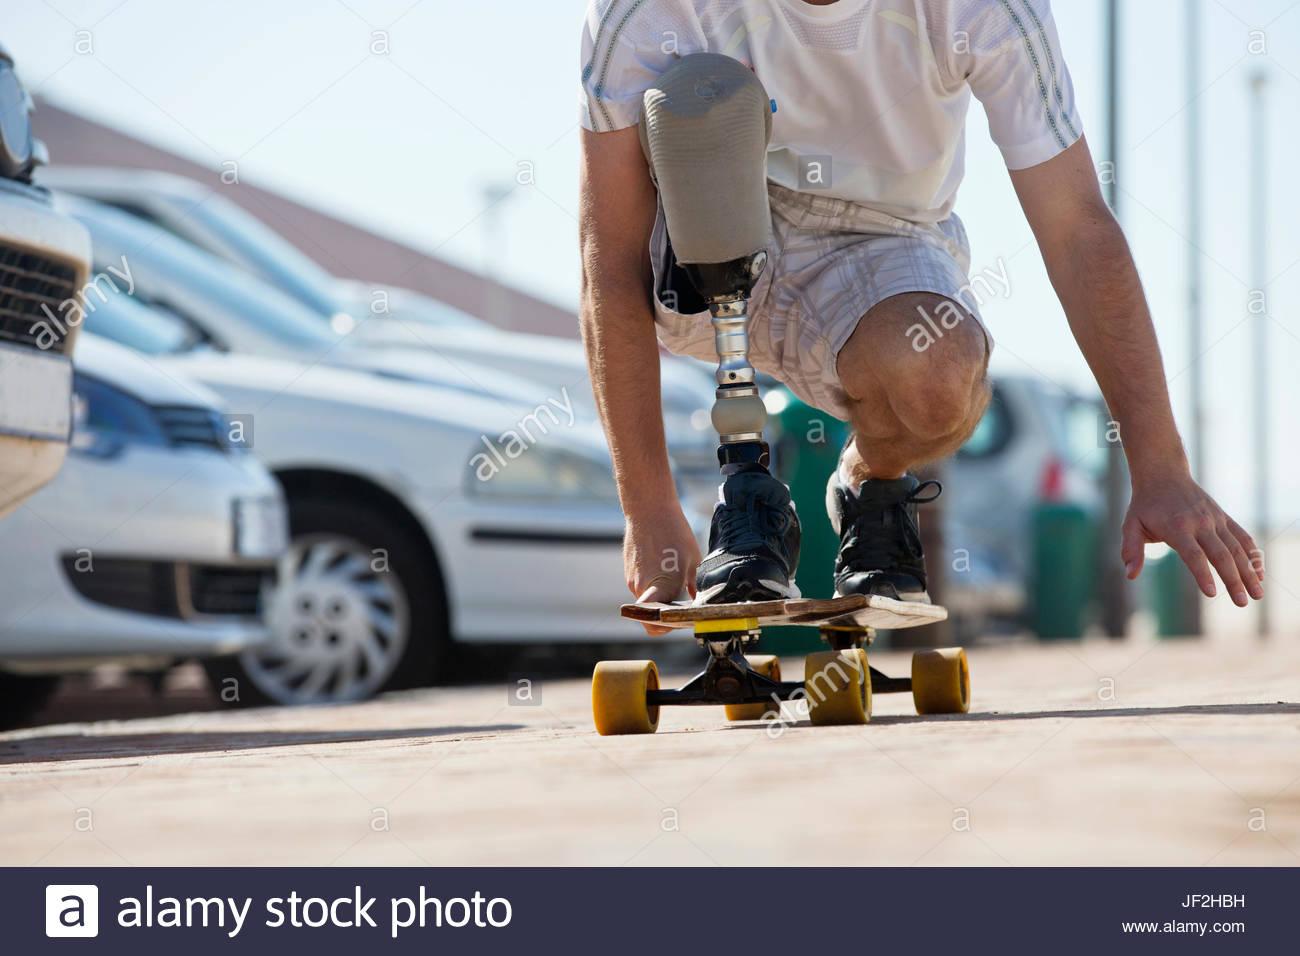 Nahaufnahme von Mann mit Beinprothese mit Skateboard Stockbild